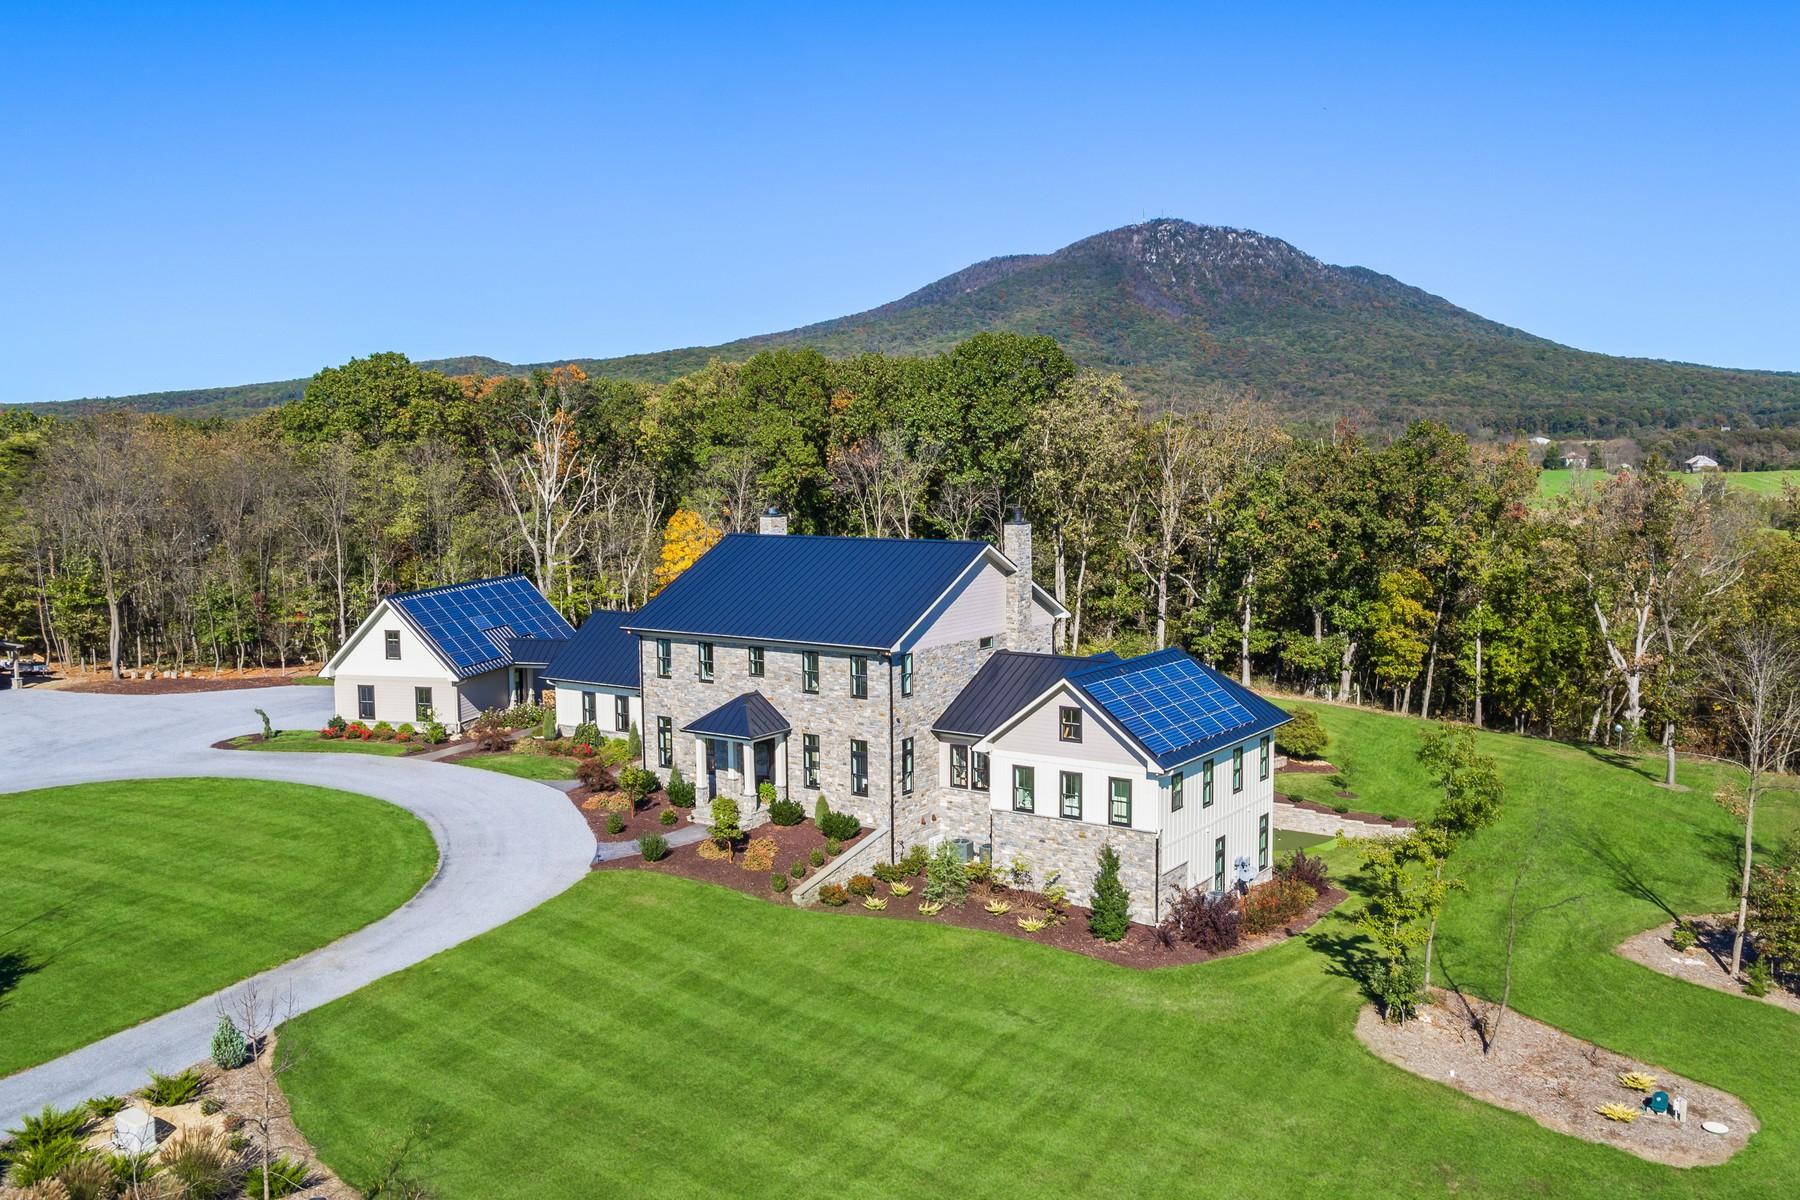 Einfamilienhaus für Verkauf beim 563 Hickory Point Trail, Penn Laird 563 Hickory Point Trl Penn Laird, Virginia 22846 Vereinigte Staaten